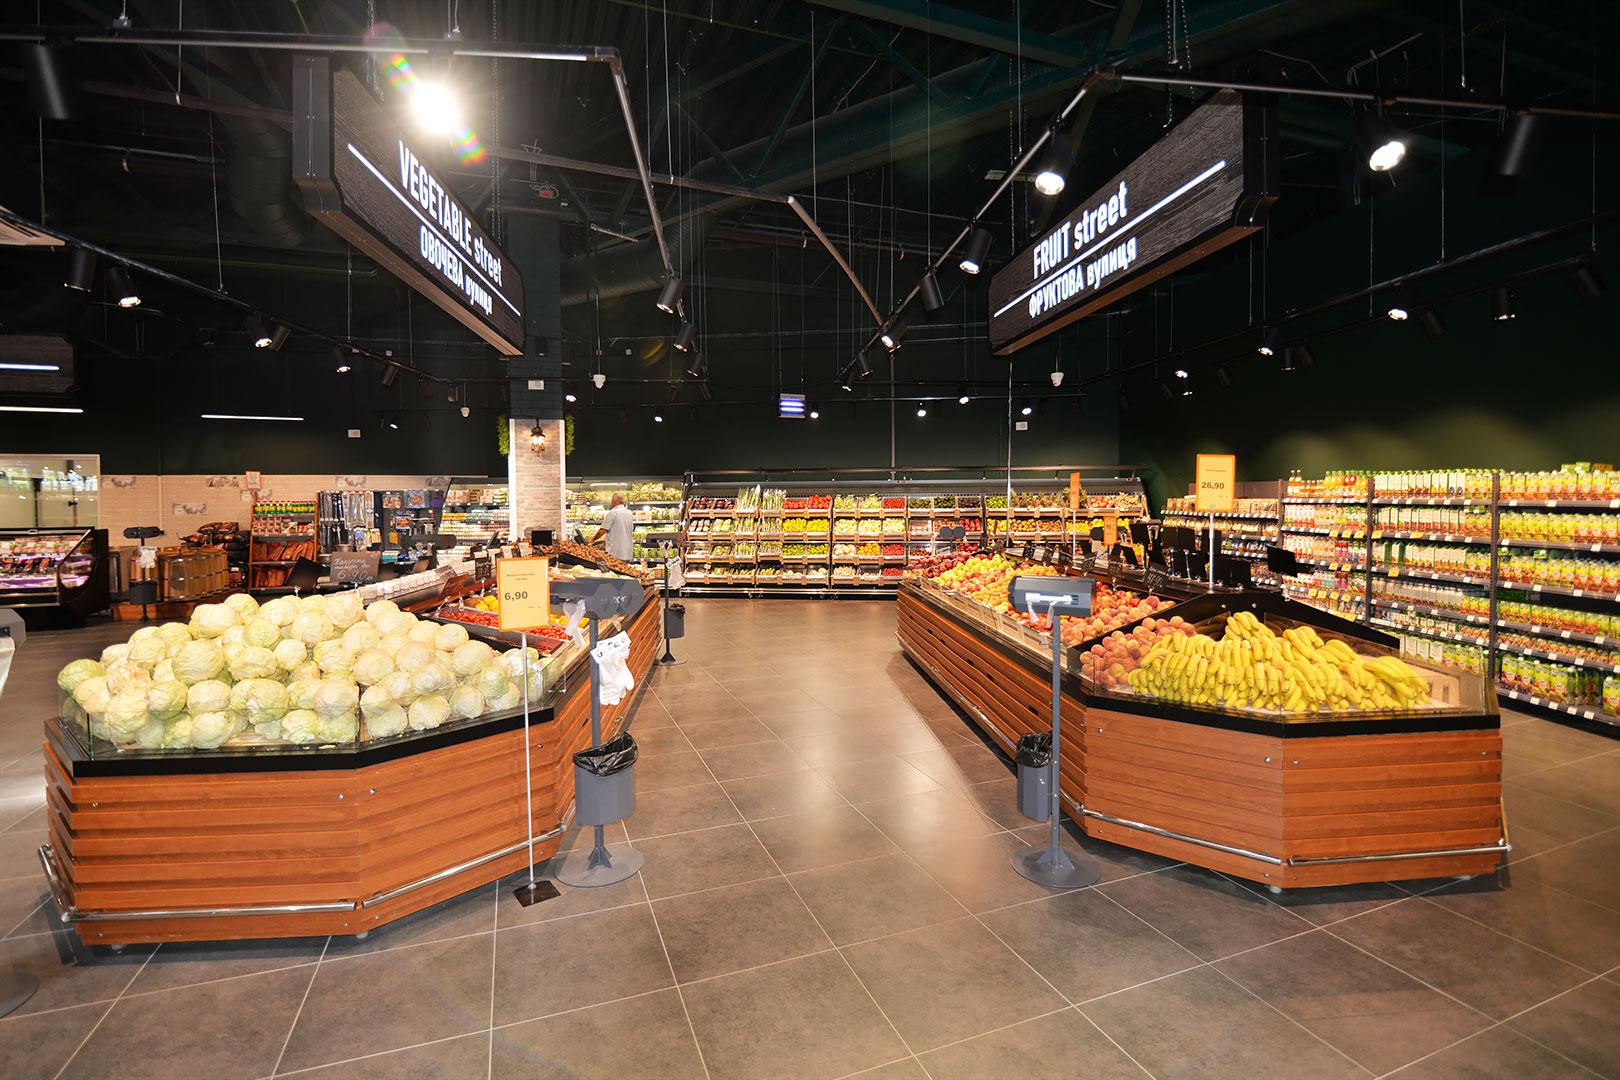 Холодильне обладнання HITLINE TECHNOKHOLOD Спеціалізовані вітрини для продажу овочів та фруктів Missouri VF MC 110 VF self 110-DBM, Louisiana VF MV 110 VF O 180-DLM